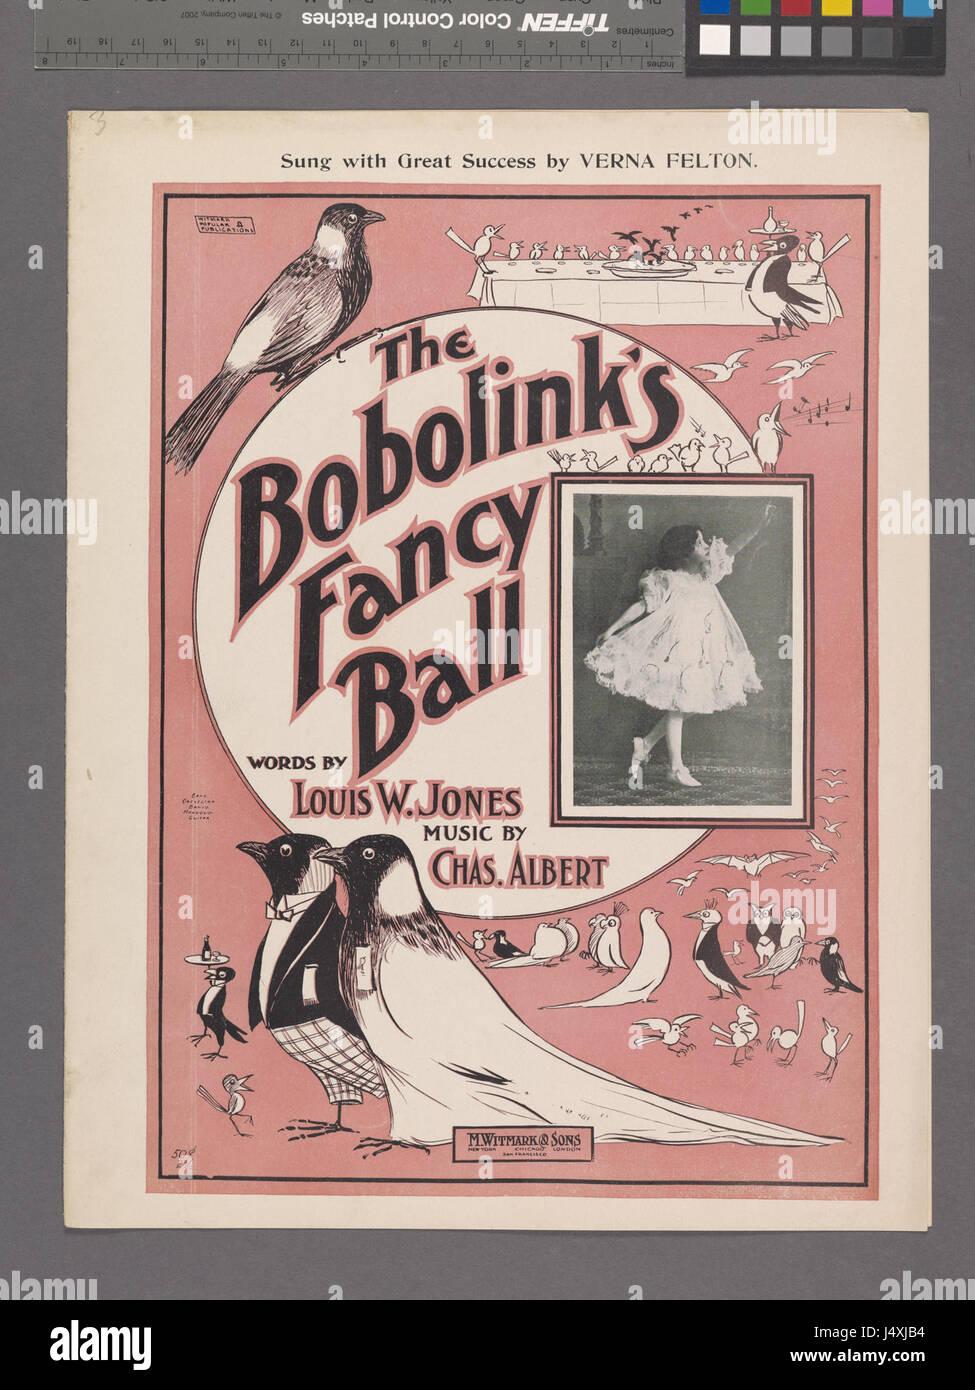 The bobolinks fancy ball (NYPL Hades 1924973 1953238) - Stock Image